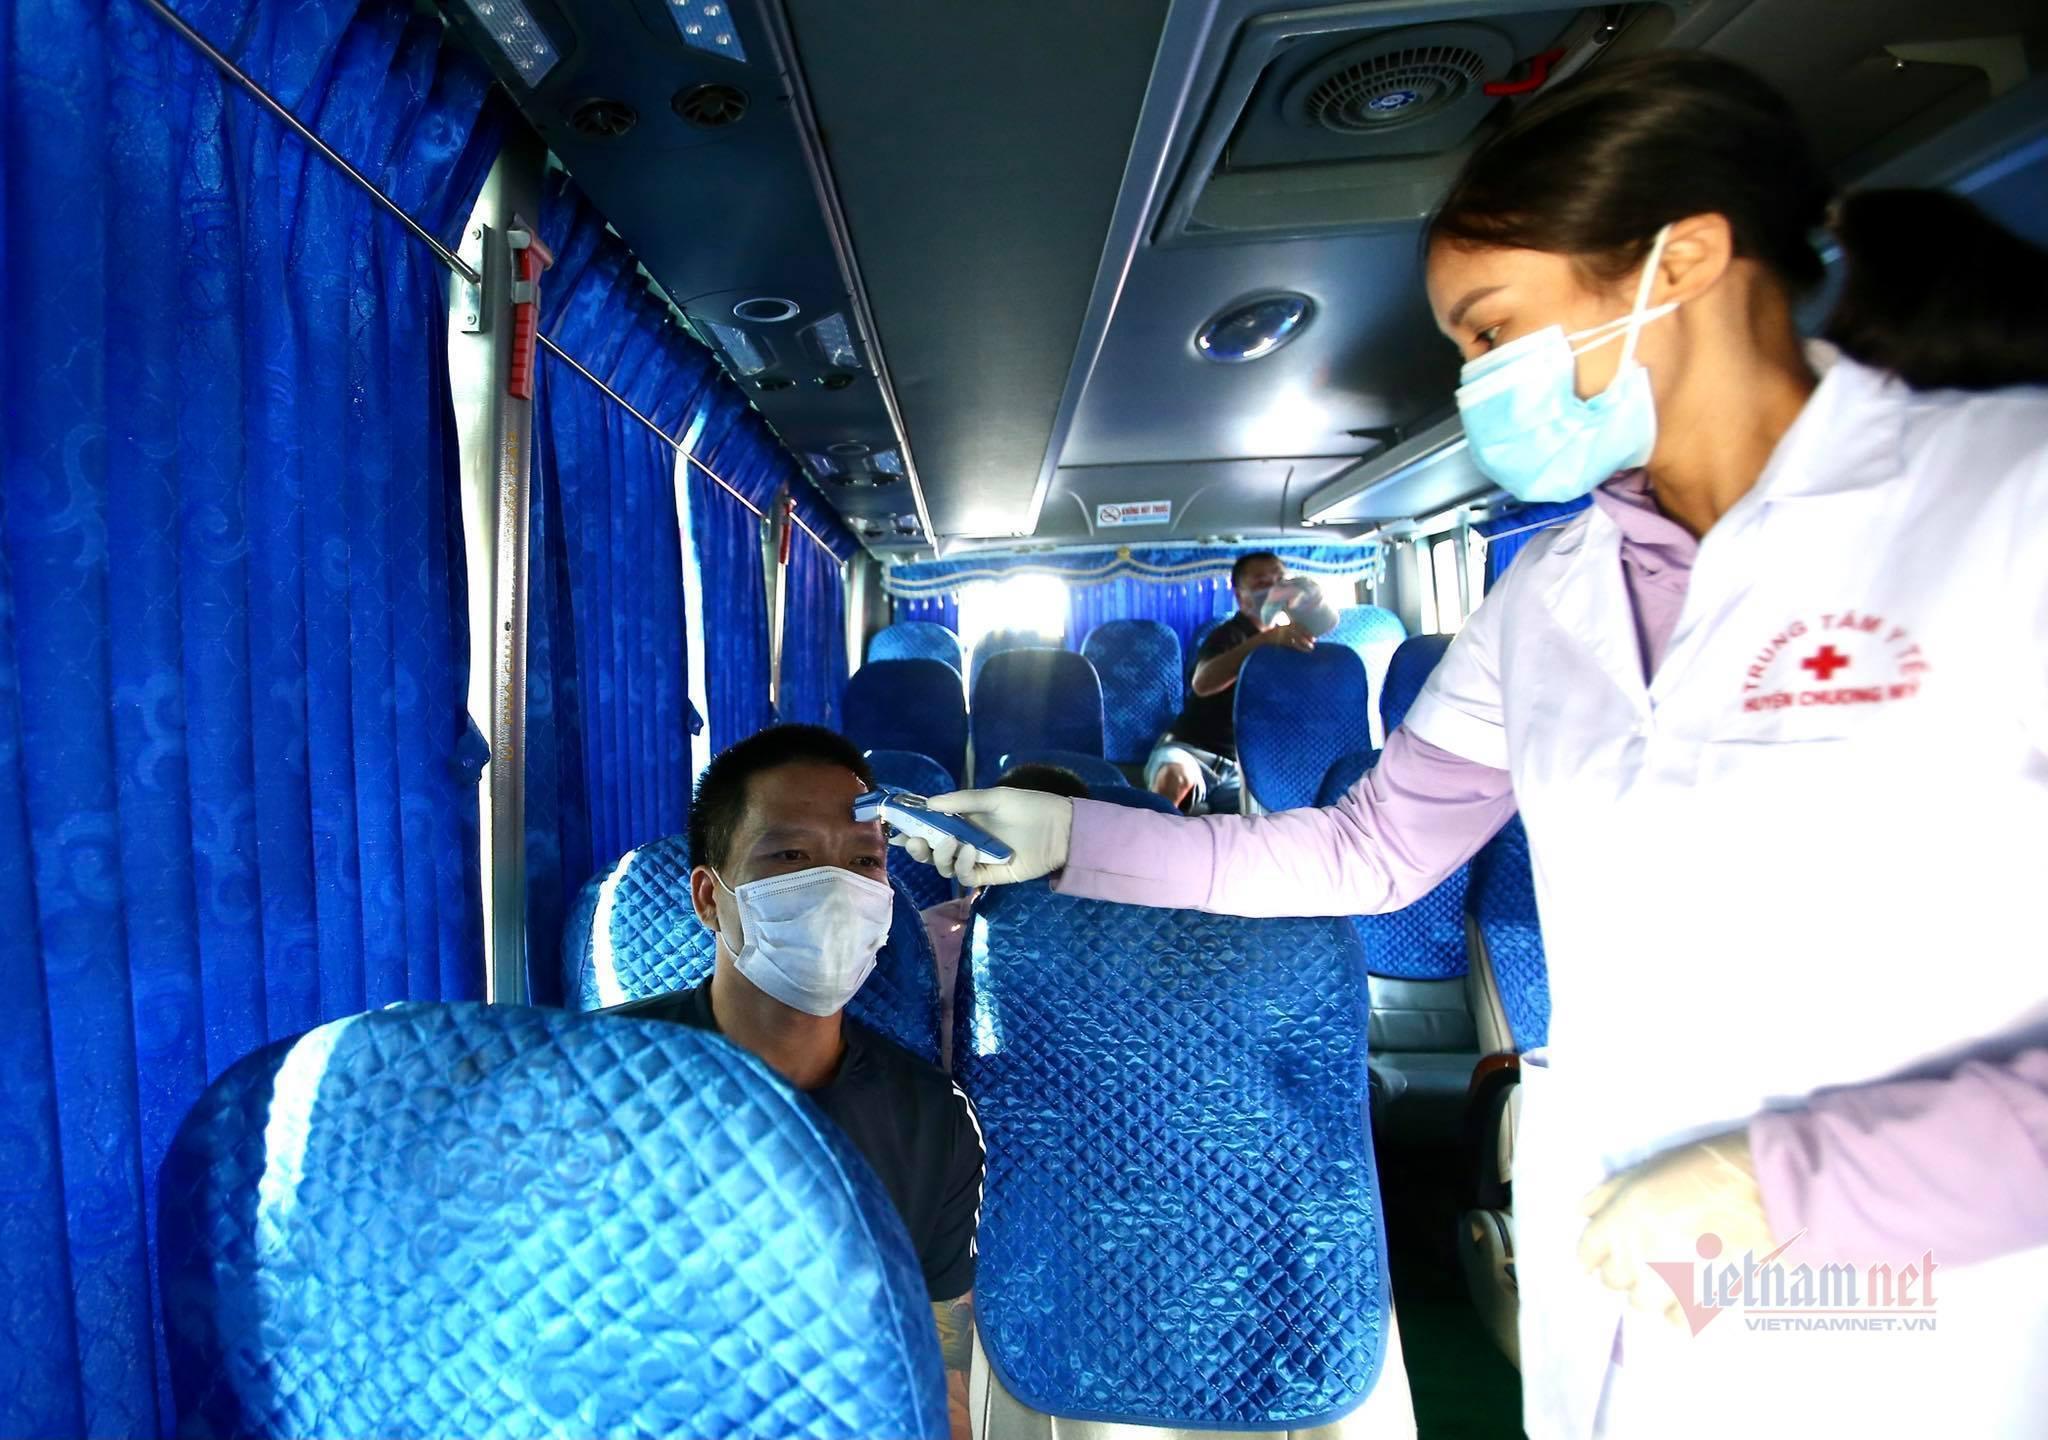 Đến Hà Nội bằng xe cá nhân, người dân cần chuẩn bị giấy tờ gì?